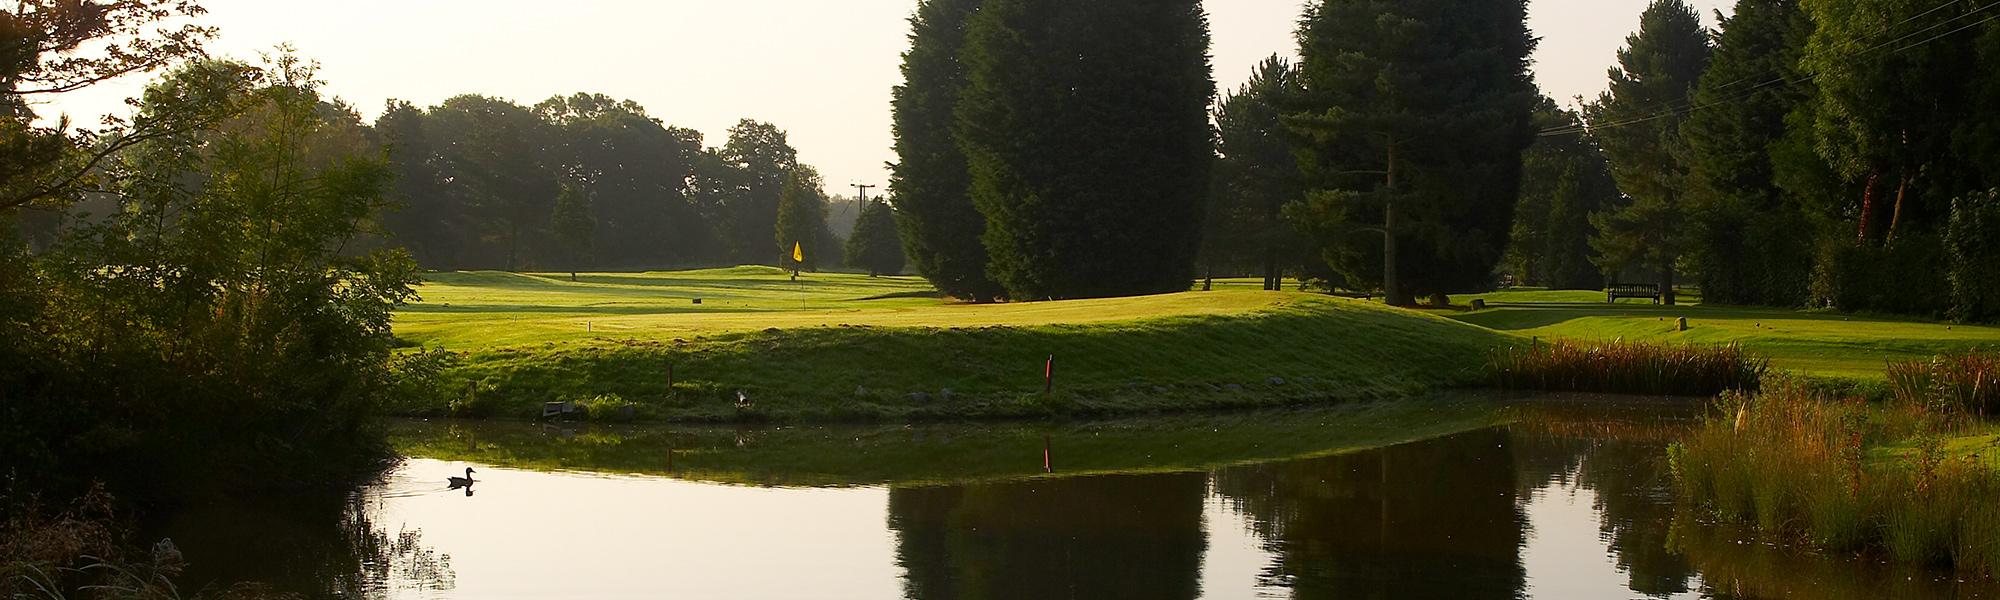 NectarSliderGanstead_2000x800_Golf14